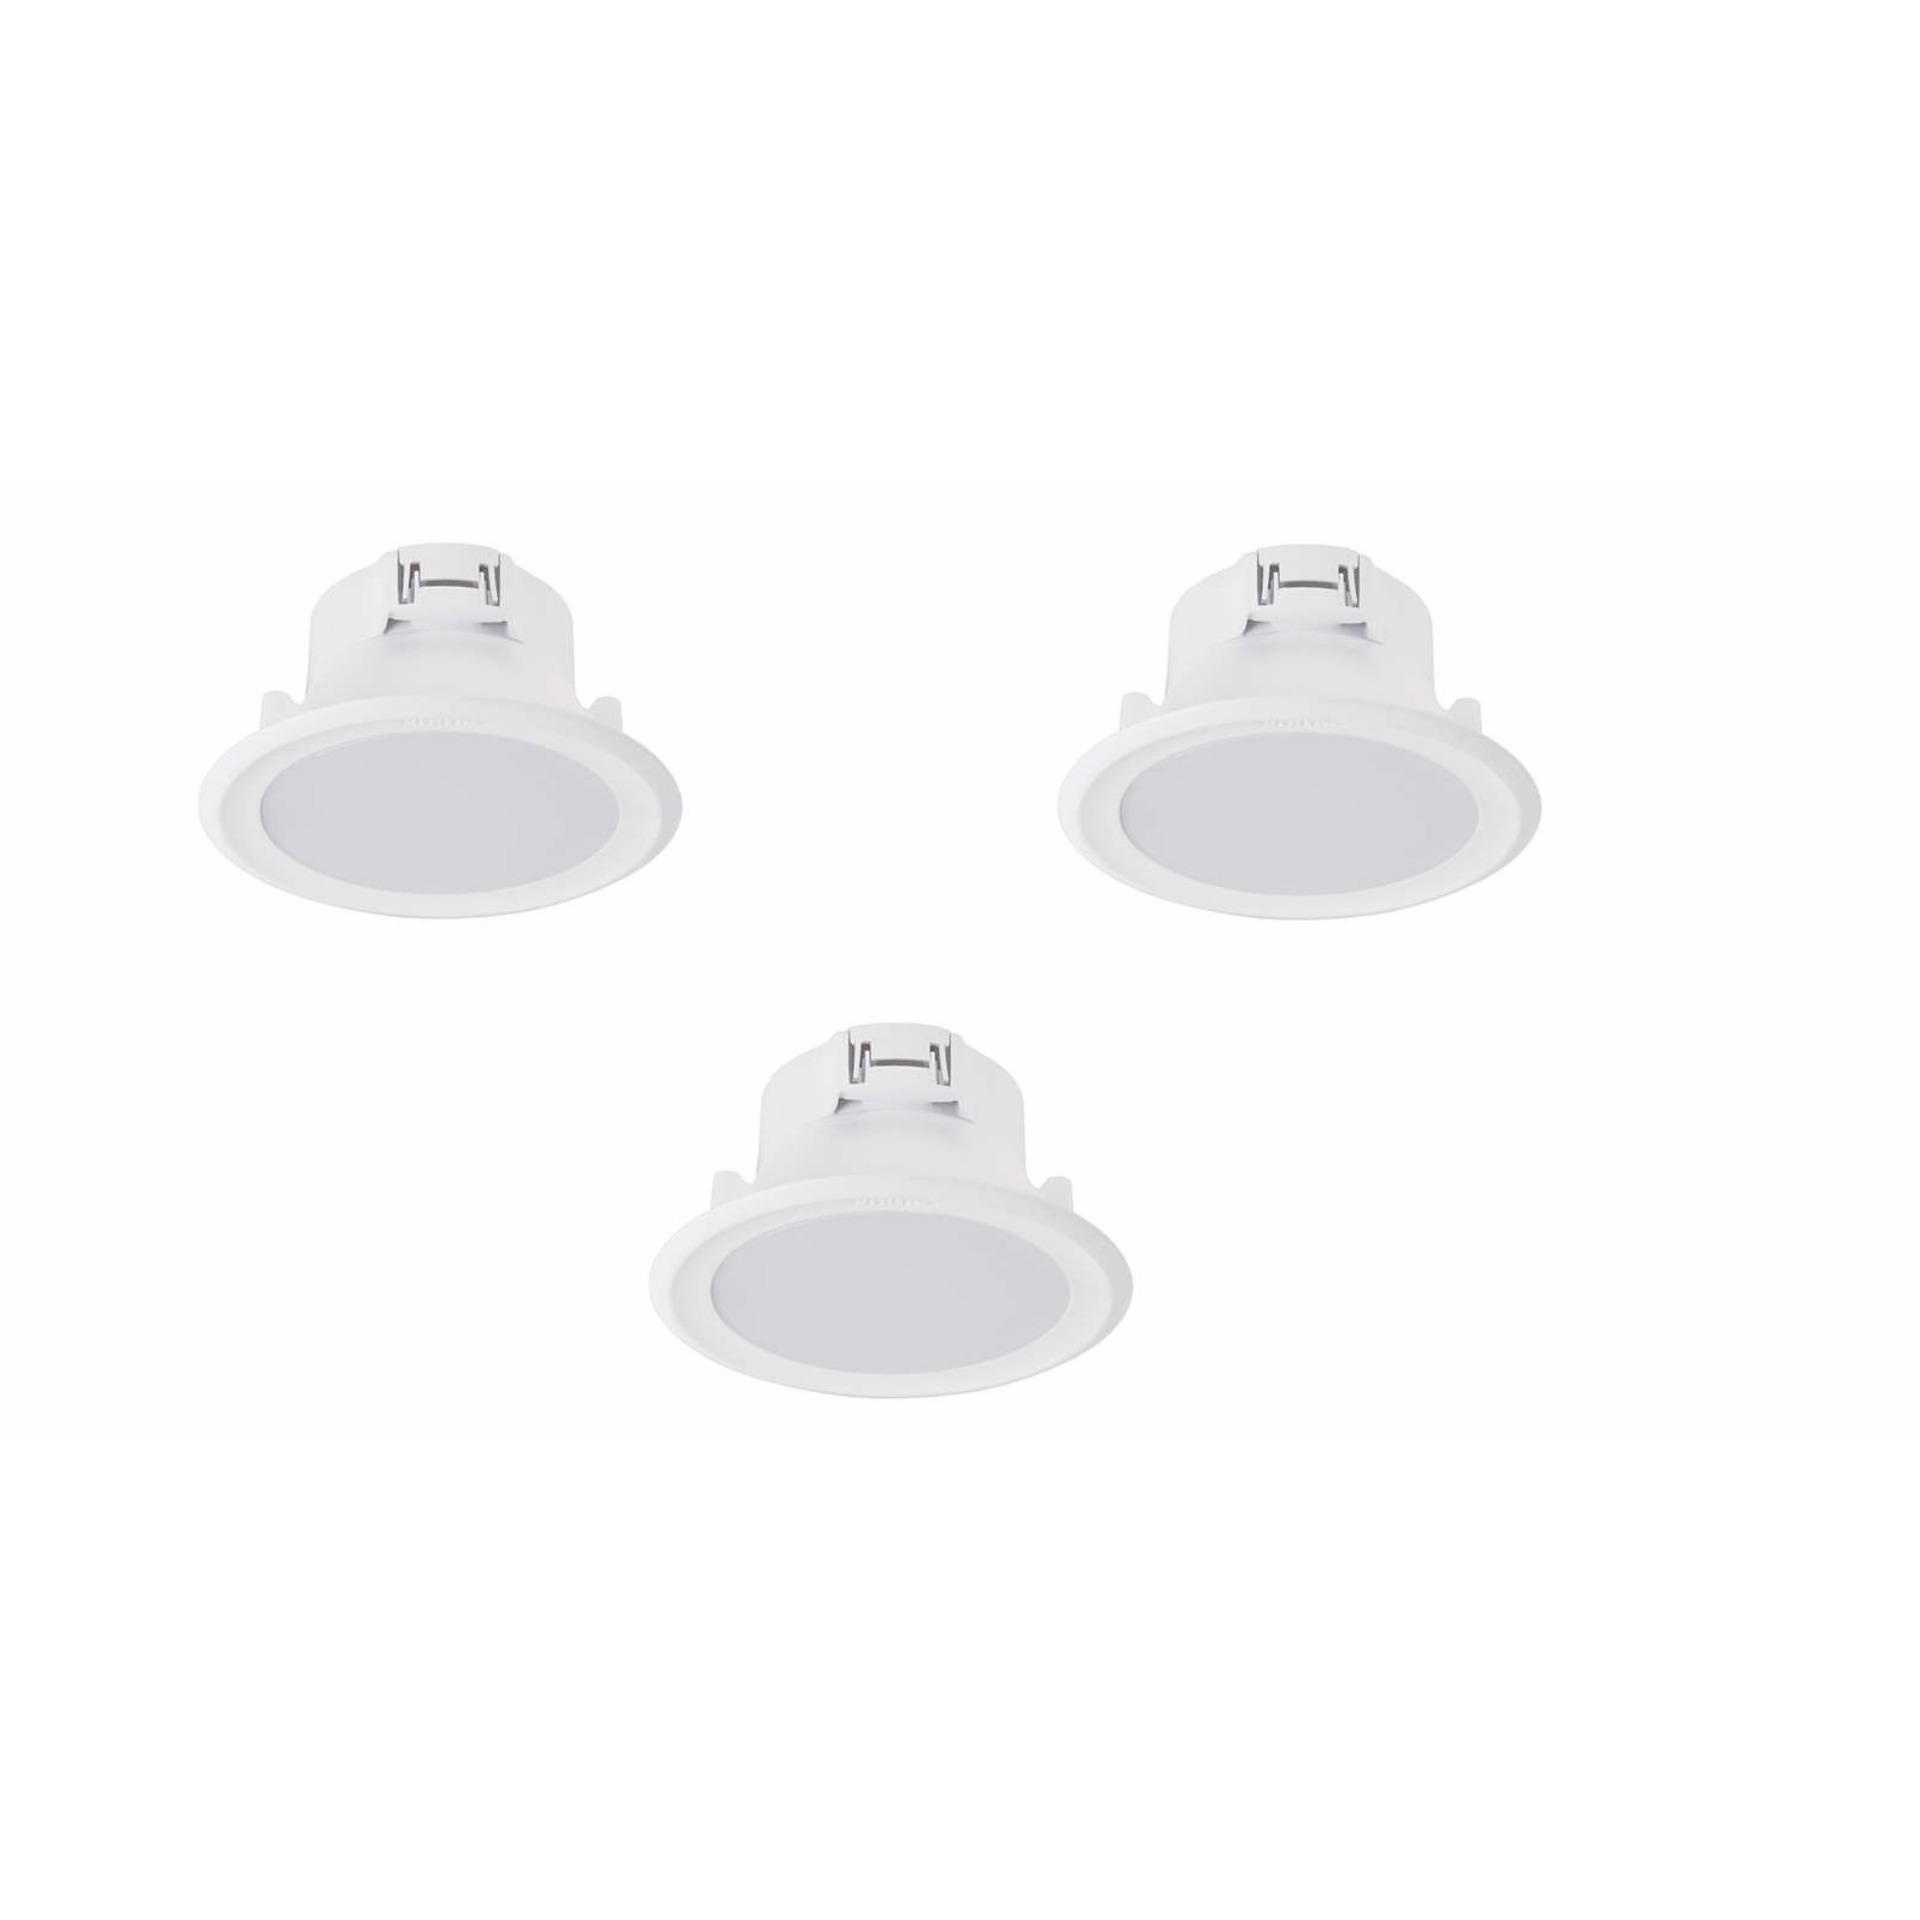 Nơi Bán Bộ 3 đèn Philips LED Downlight âm trần 44082 7W (Vàng)